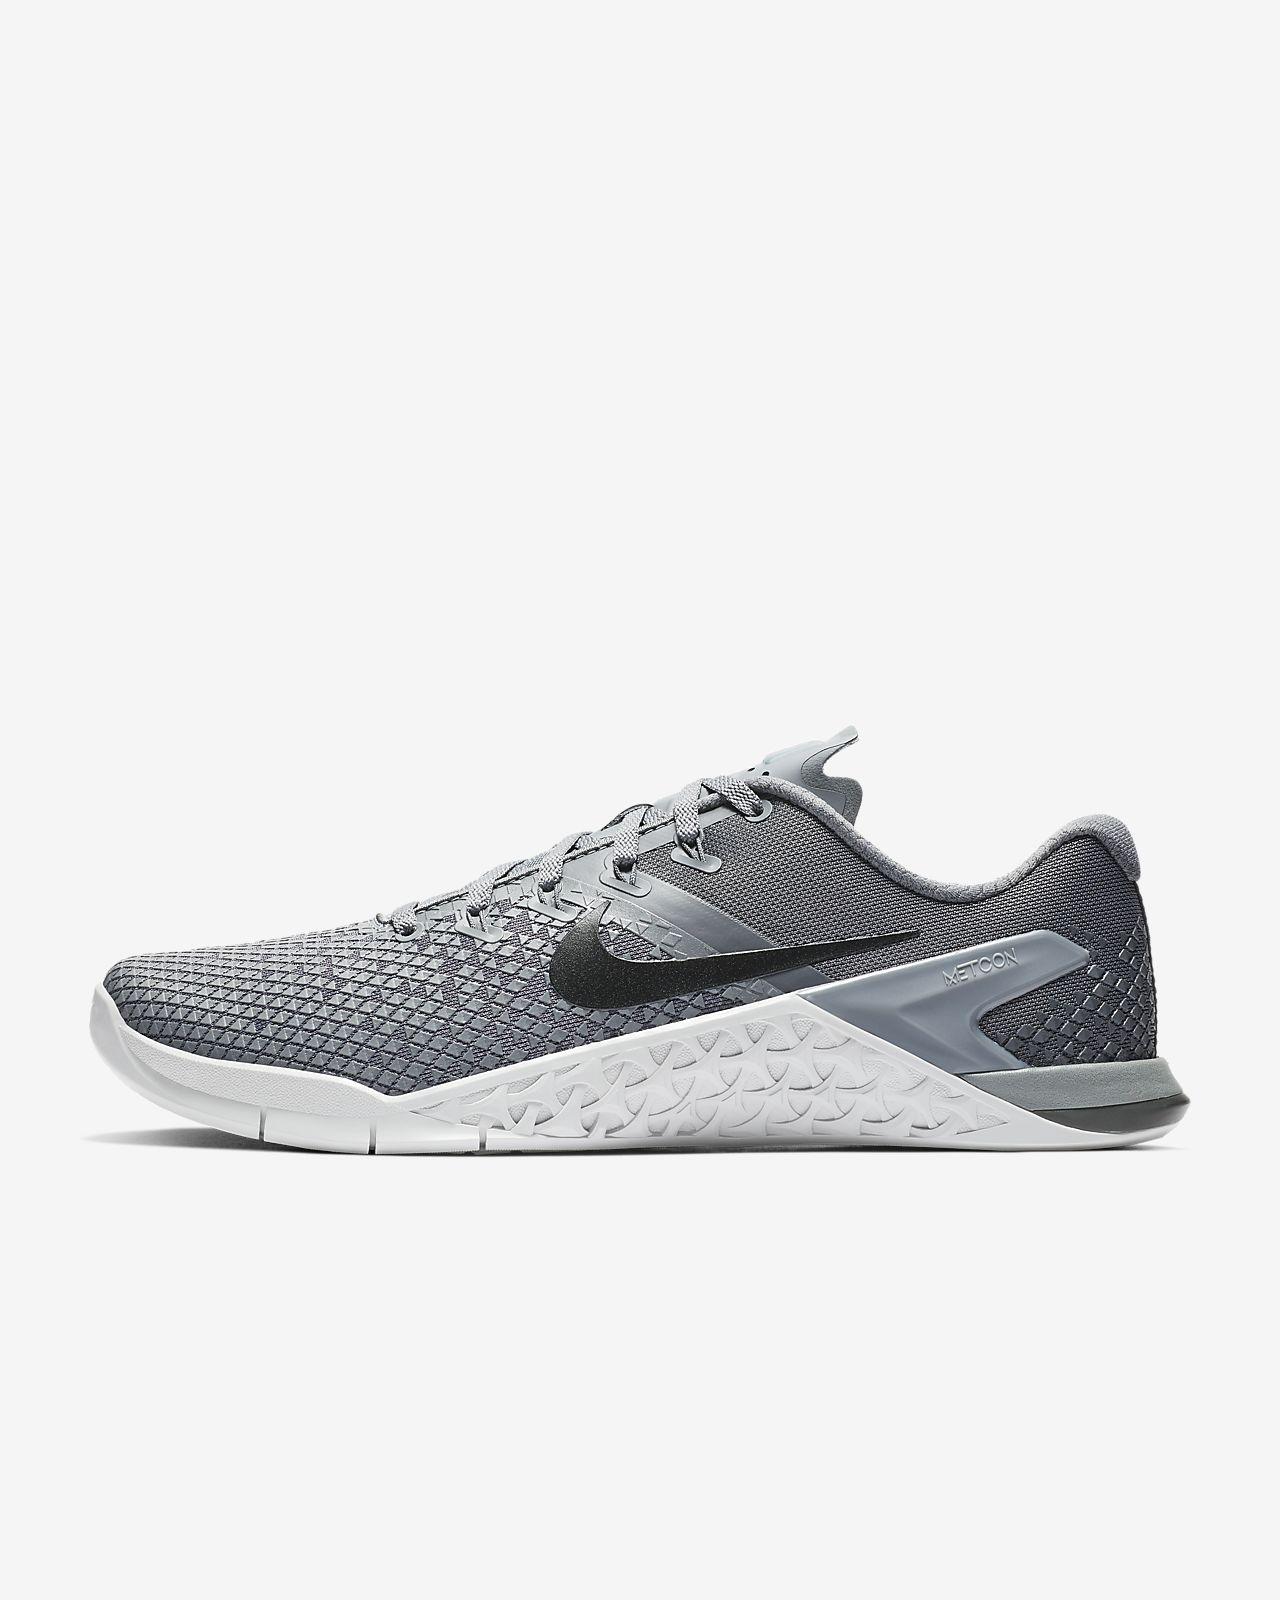 online retailer e55db ef580 ... Nike Metcon 4 XD treningssko til herre